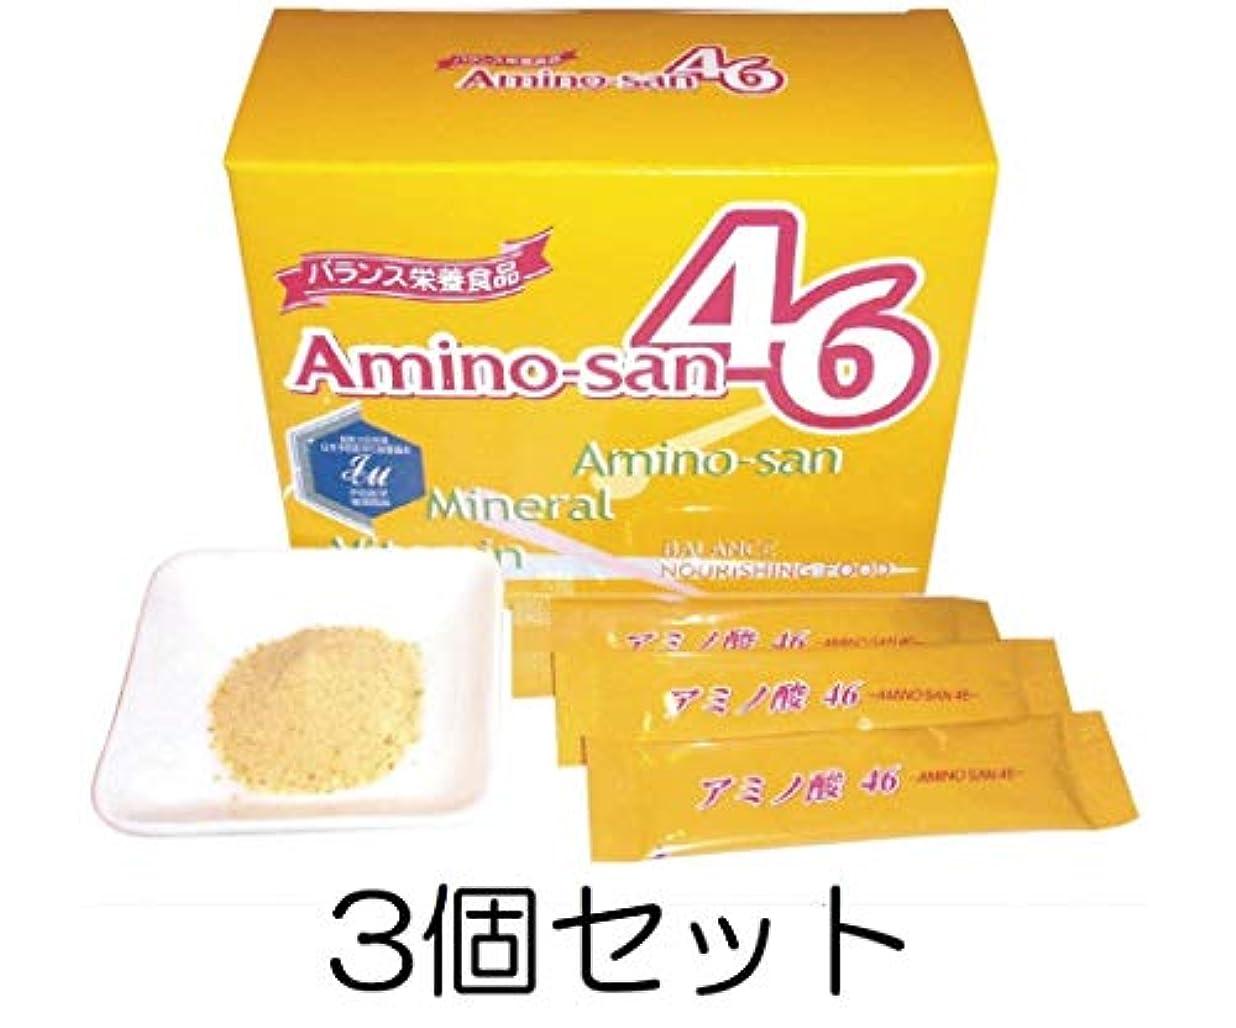 ベル?クール研究所 アミノ酸46 3g×60本入り(1ヶ月分)×3箱セット ポーレン(蜂蜜花粉)含有サプリメント 栄養補助食品